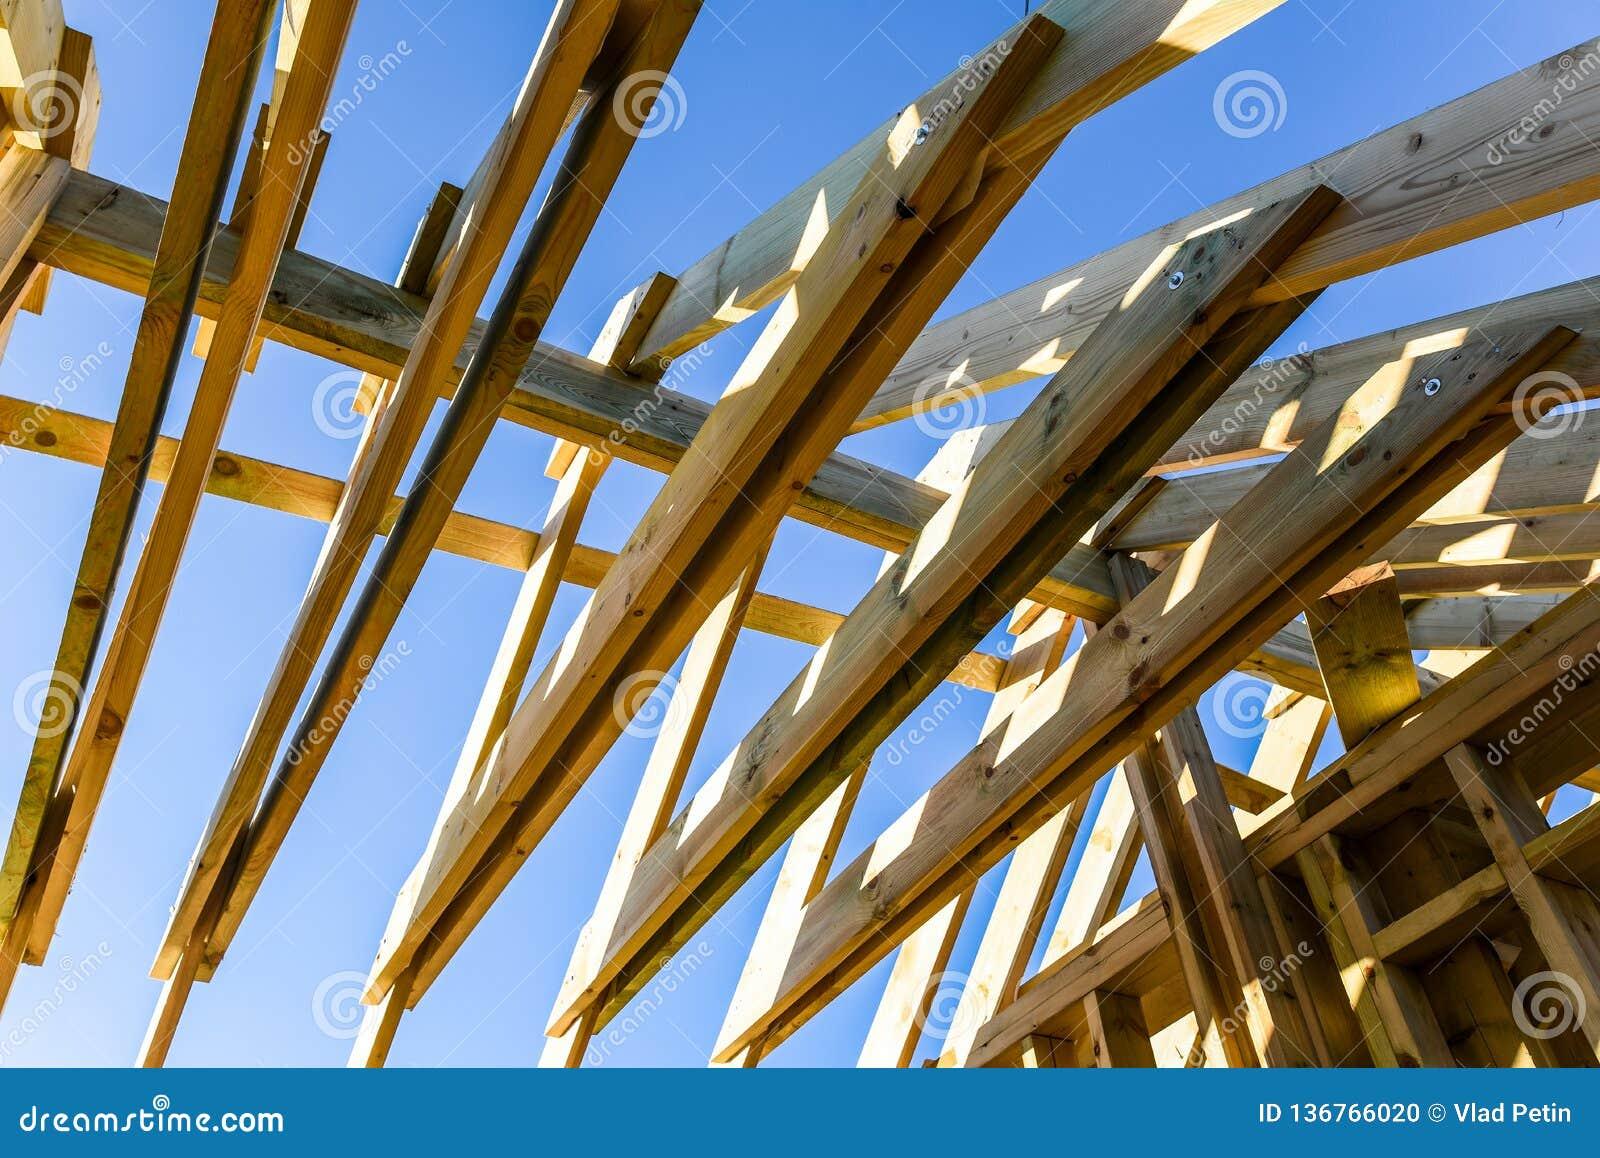 Progetto Capriata In Legno sistema di legno della capriata fotografia stock - immagine